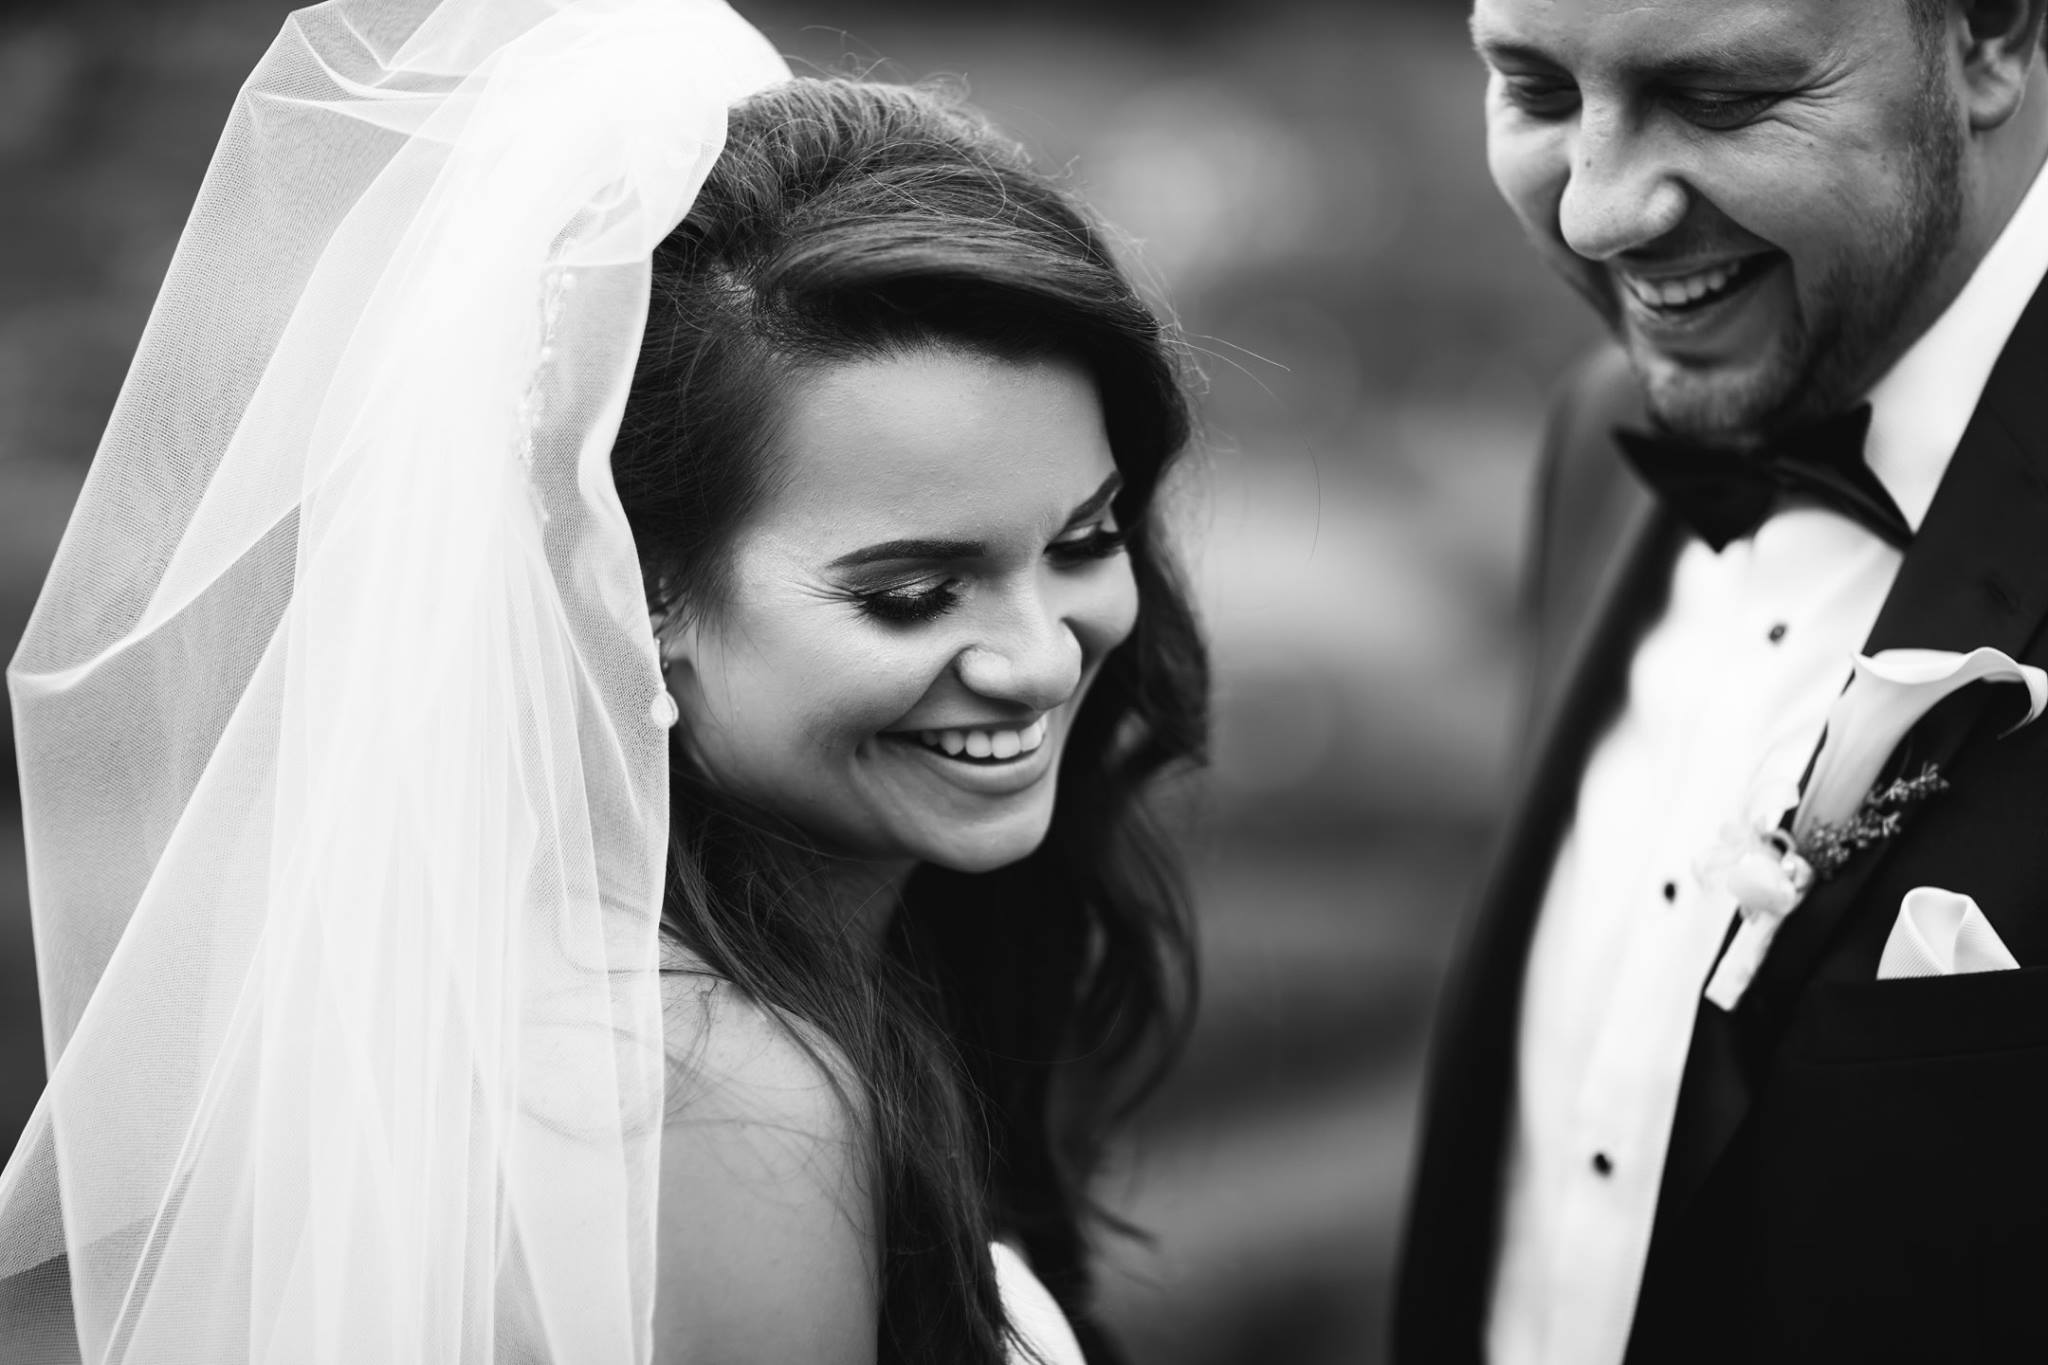 zajac photography wedding 18